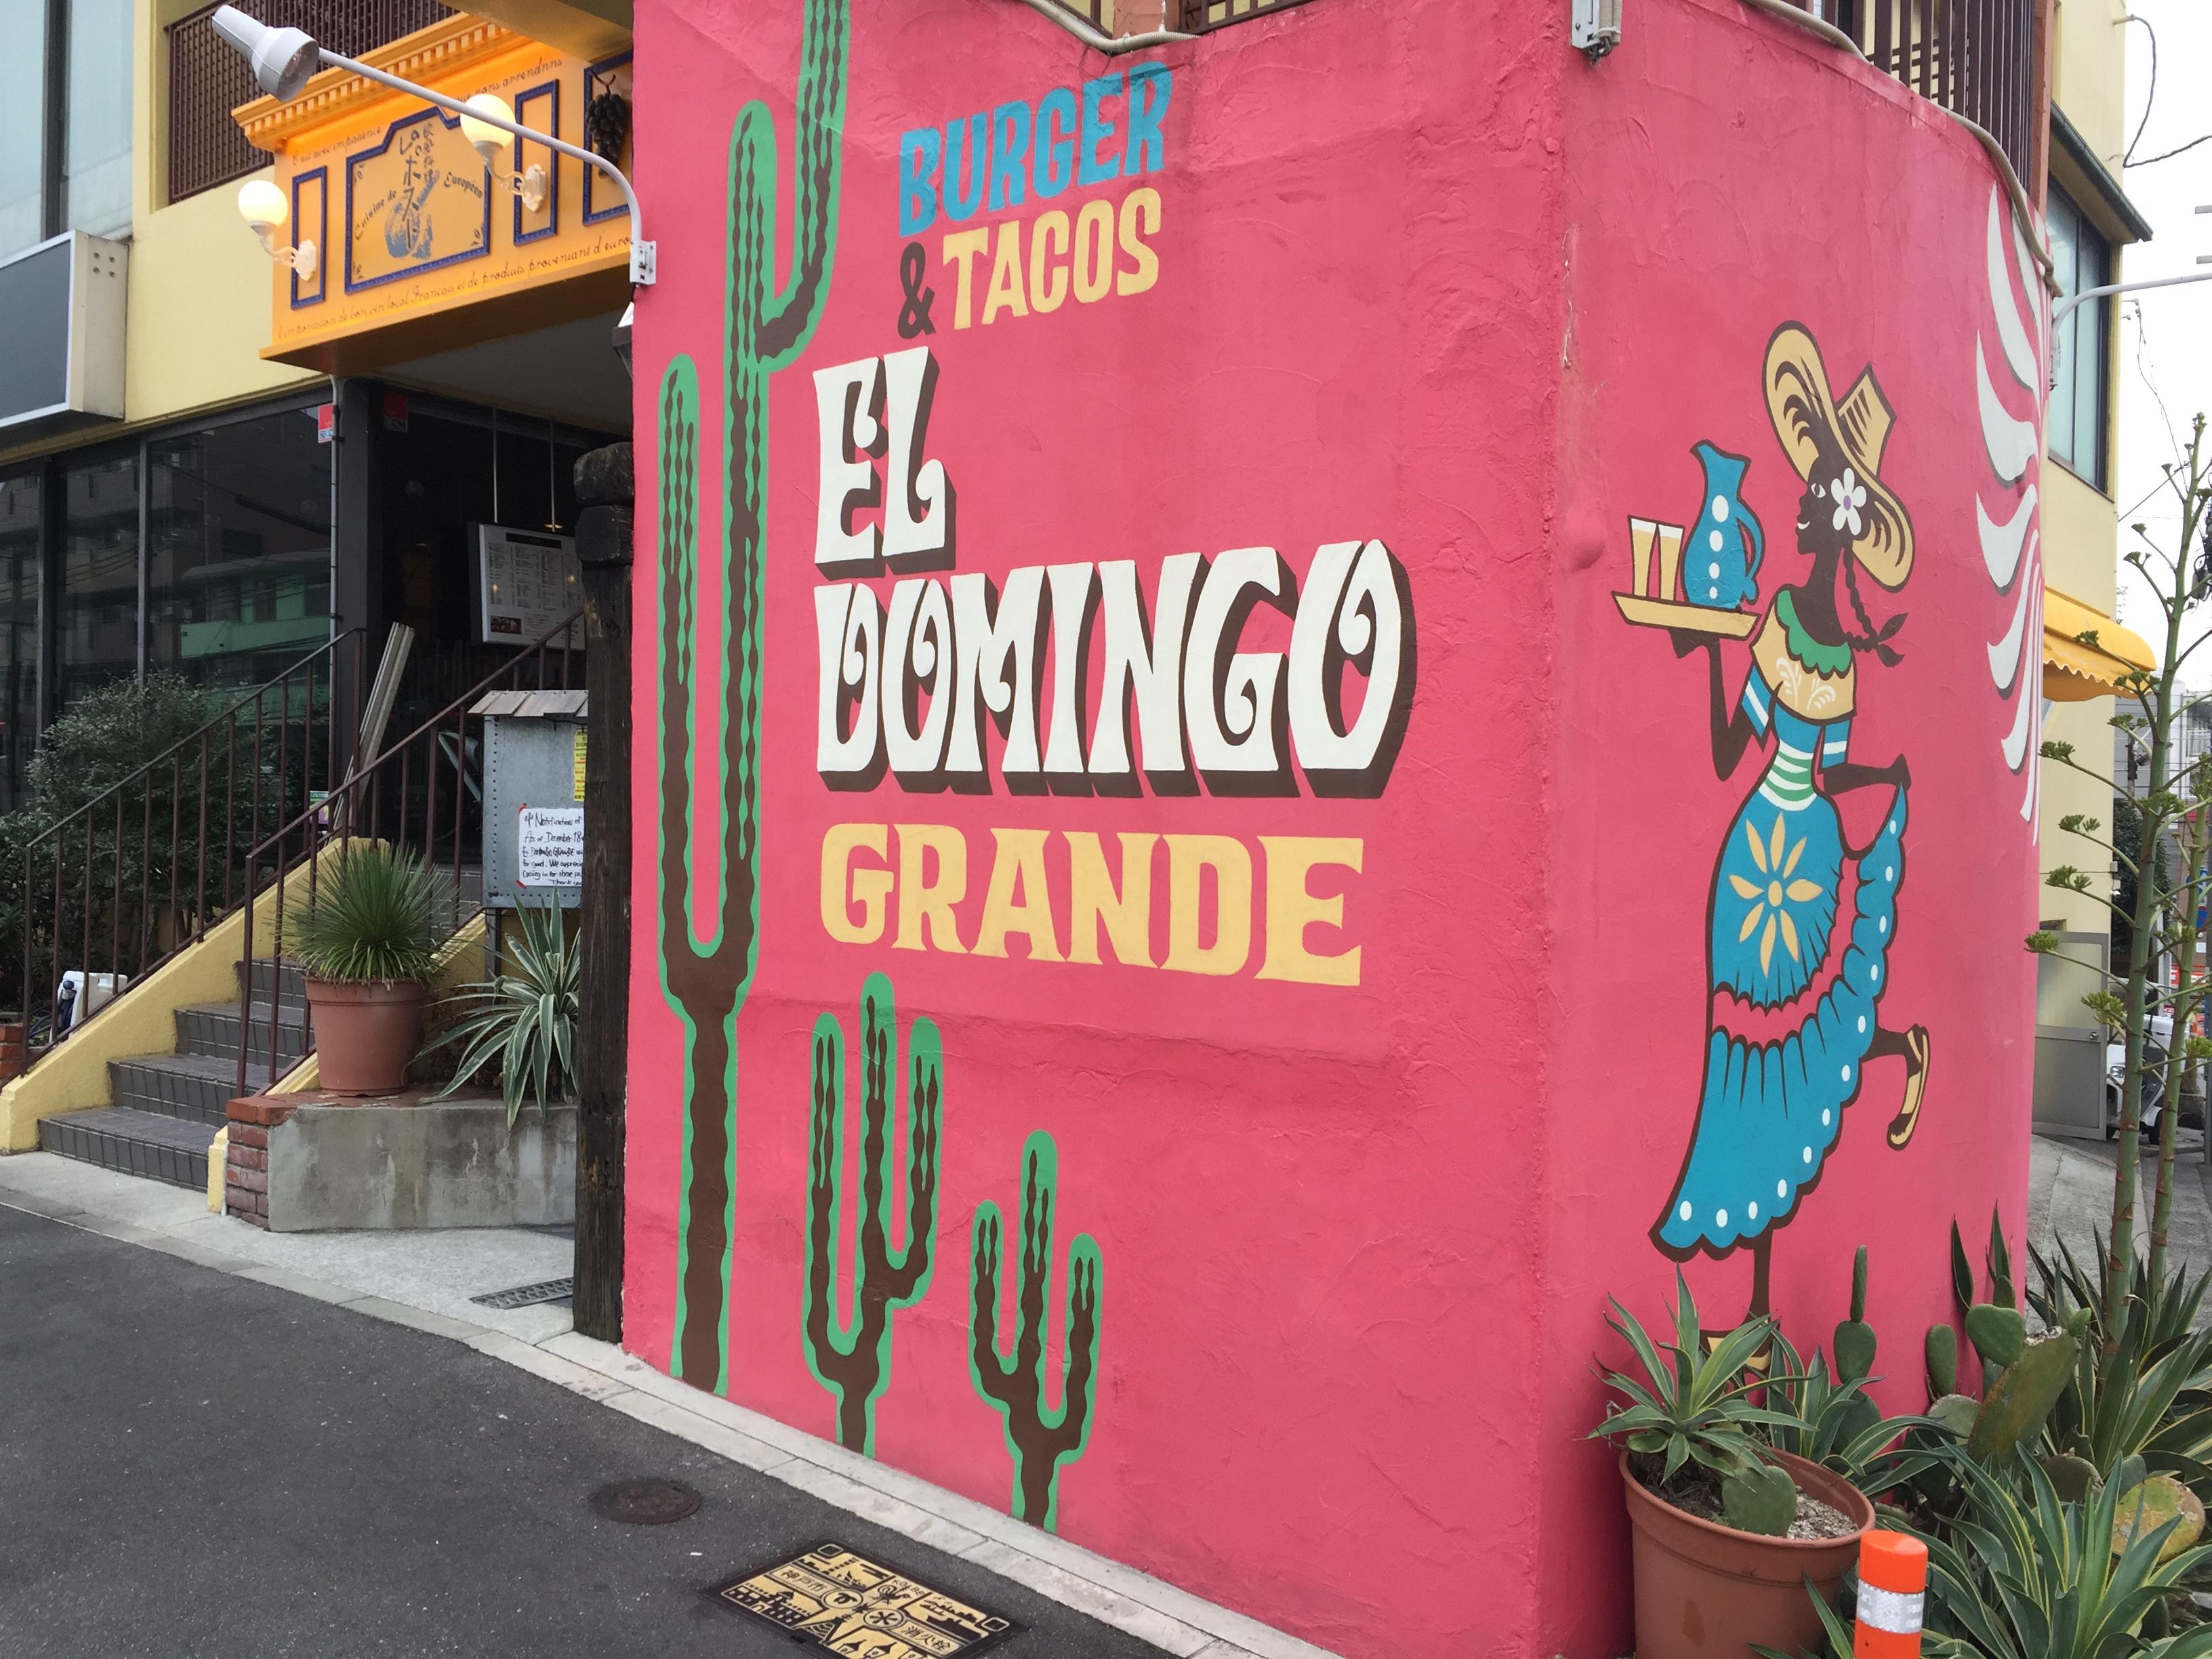 神戸・岡本のメキシコ料理「EL DOMINGO GRANDE(エル ドミンゴ グランデ)」が閉店してた【閉店お知らせ】